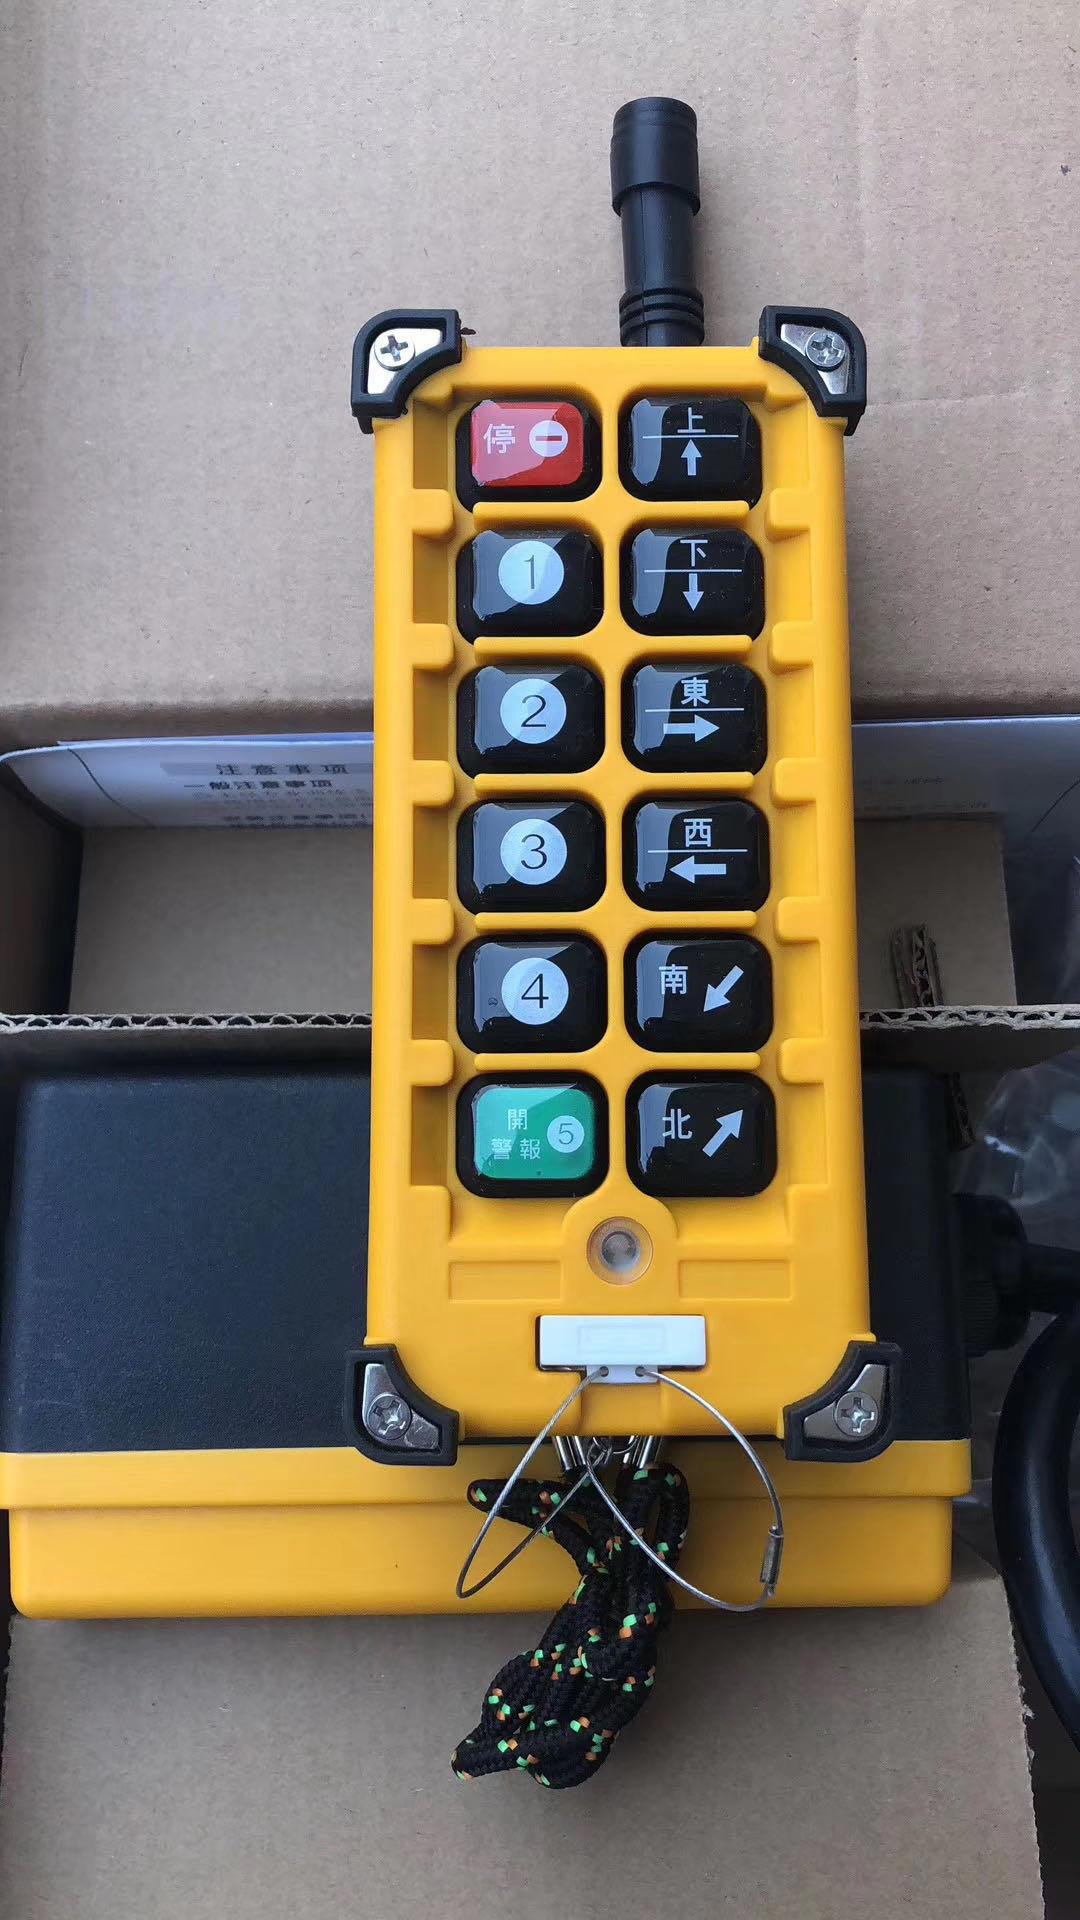 遥控发射器和接收机 F23-++S/FS23-++SSTX